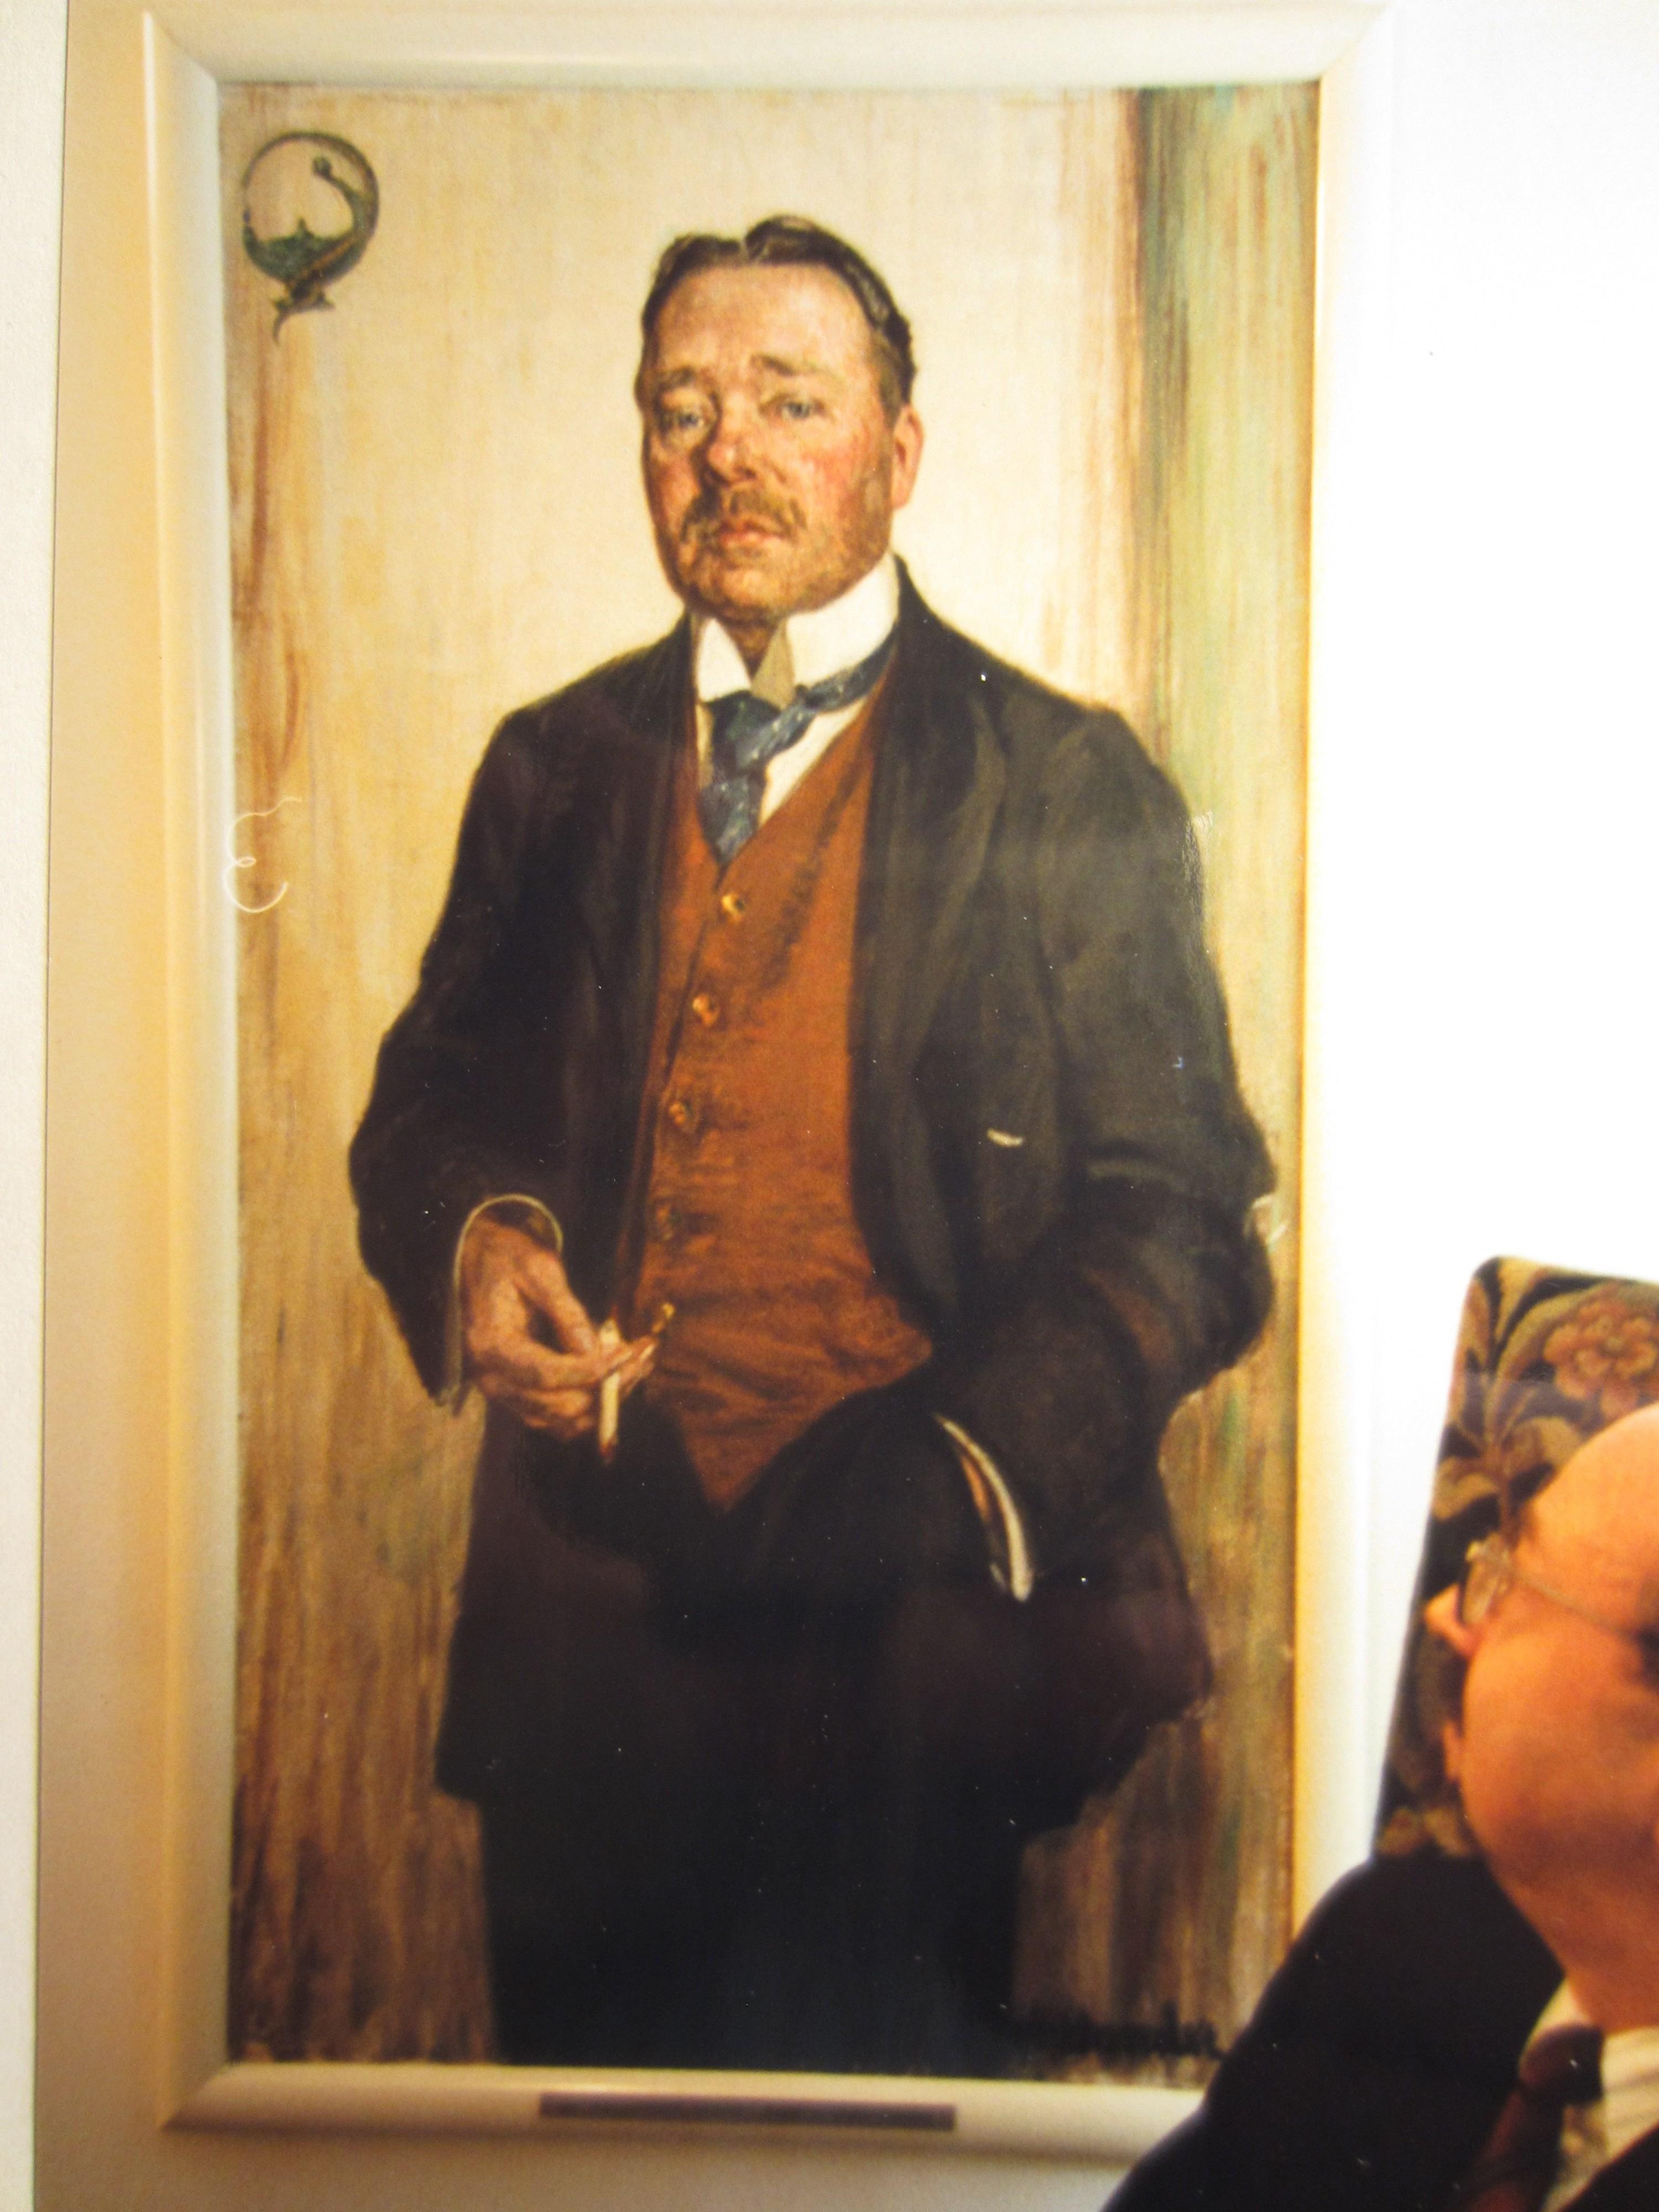 File:Hjalmar Söderberg av Gerda Wallander på Thielska Galleriet.jpg